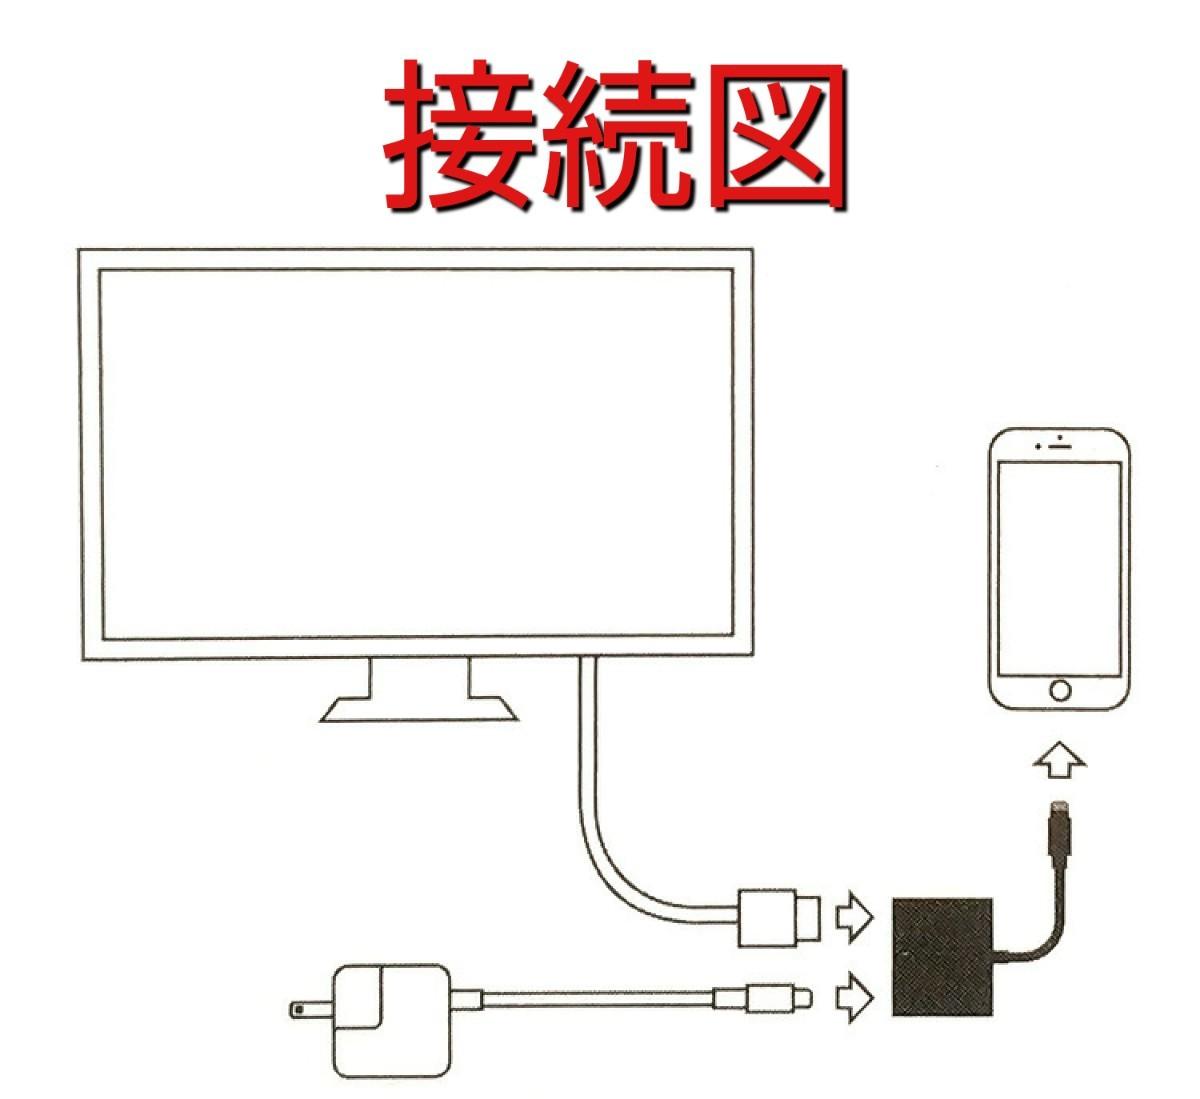 訳アリ品 HDMI iPhone 変換ケーブル アダプタ テレビ HDMIケーブルセット アイフォン Lightning